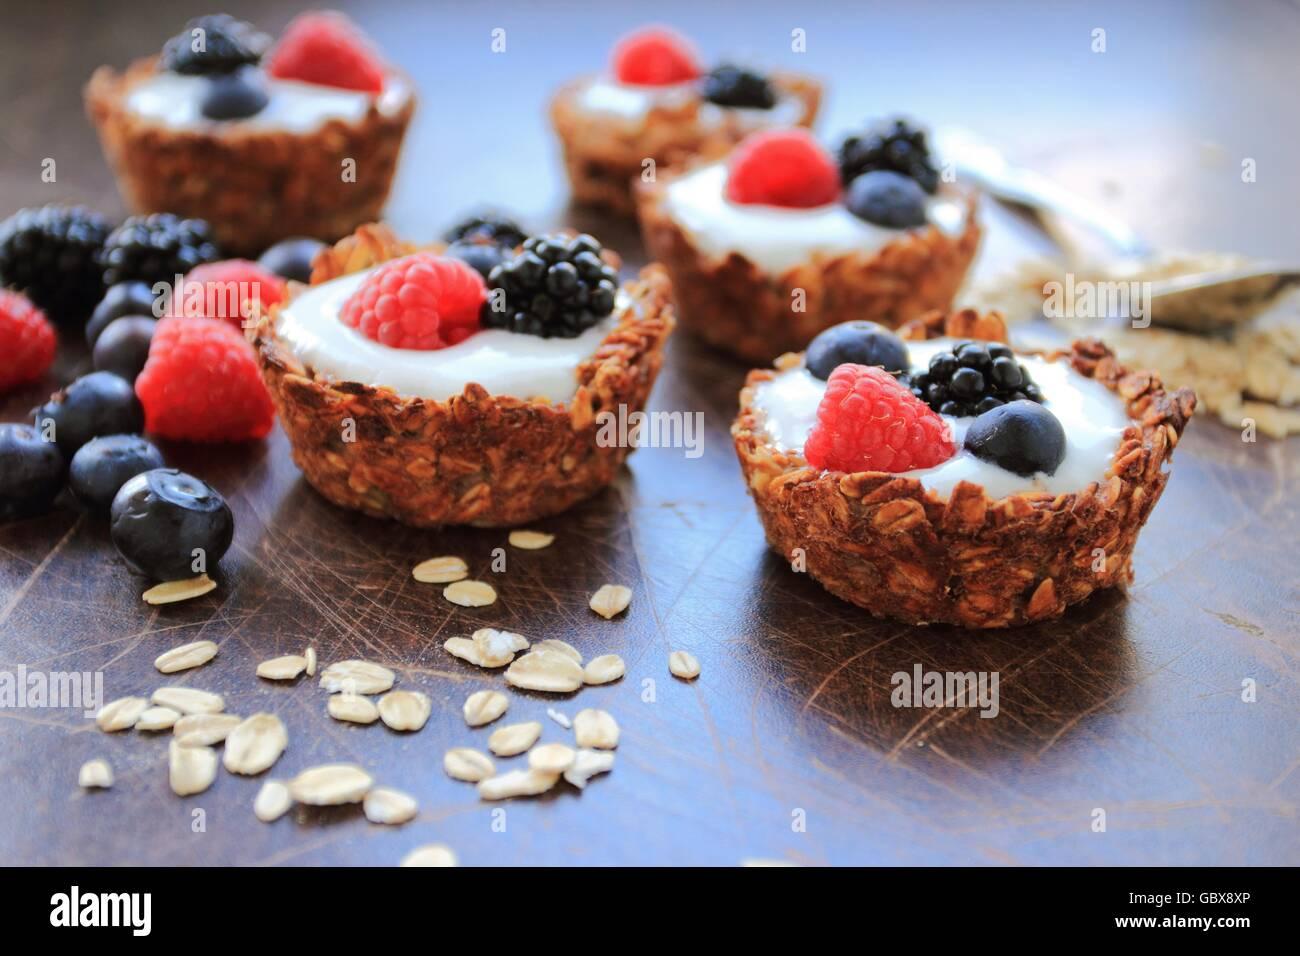 Les cookies d'avoine fait maison avec fruits frais Photo Stock